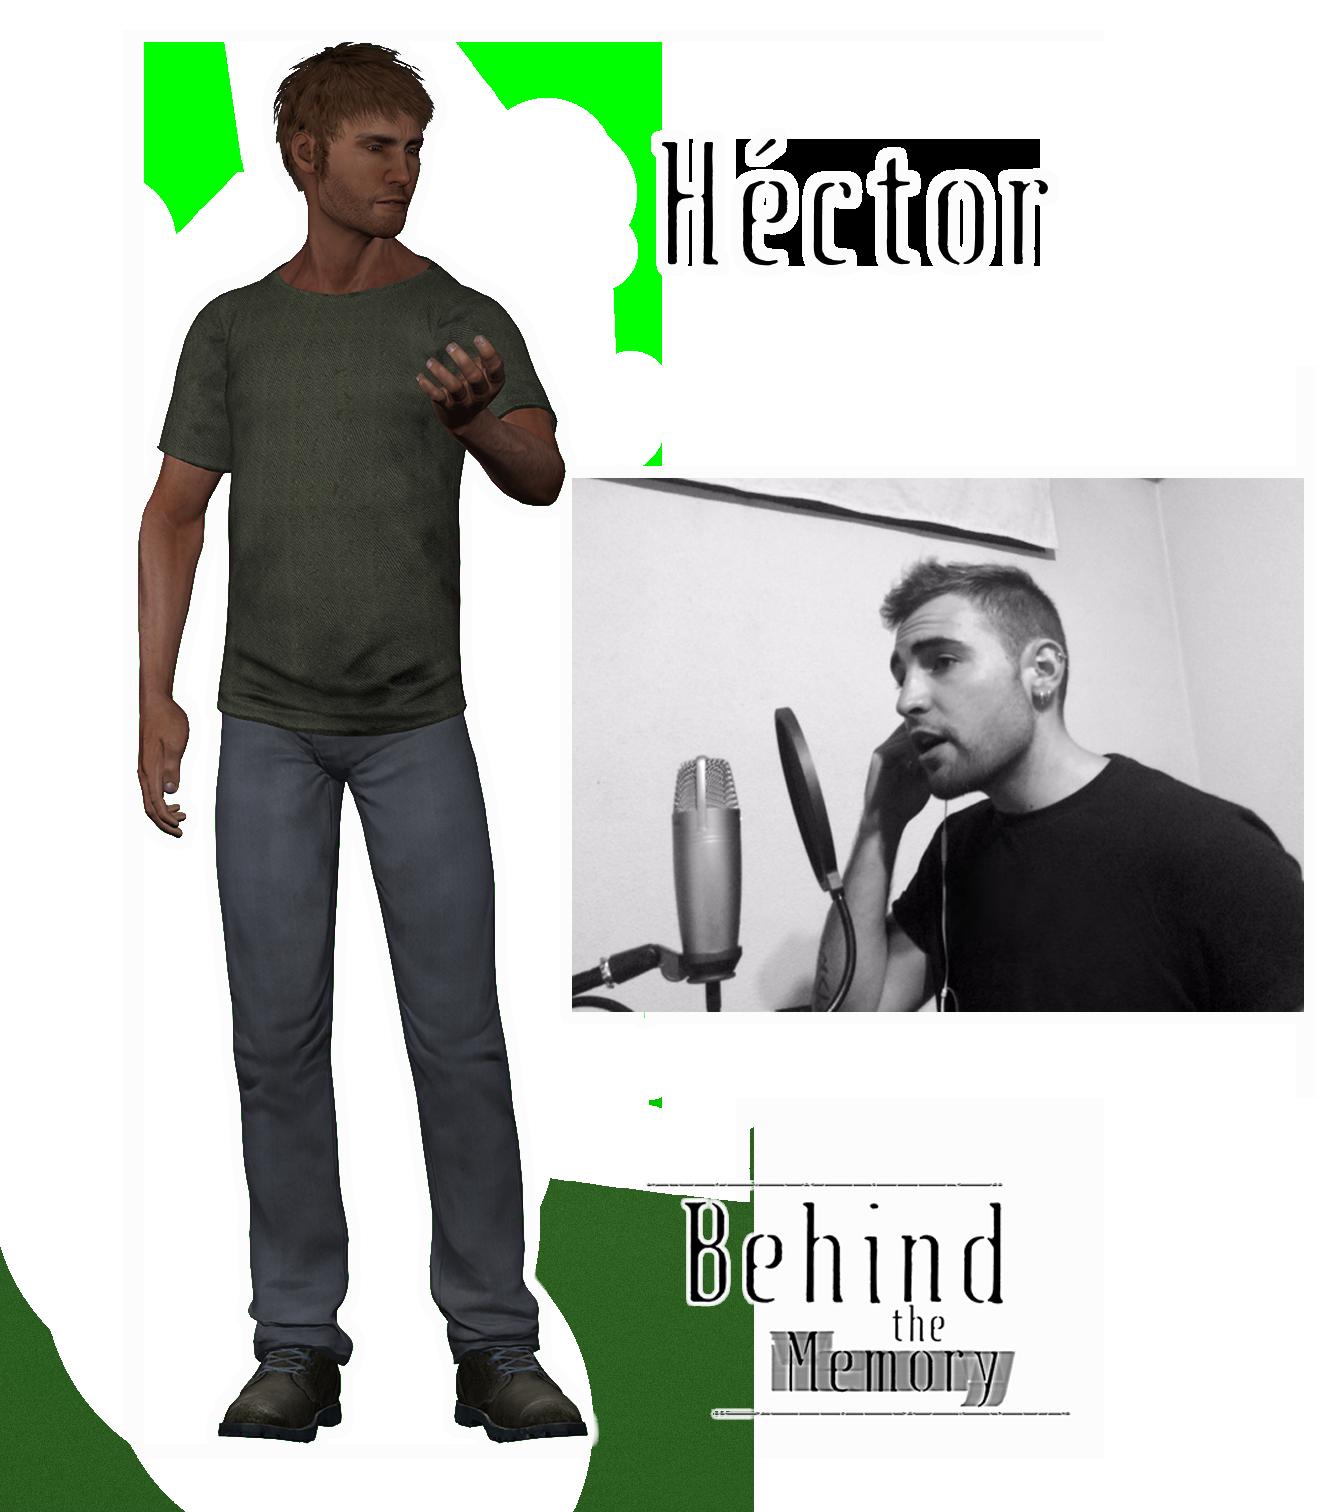 hectorpromowl